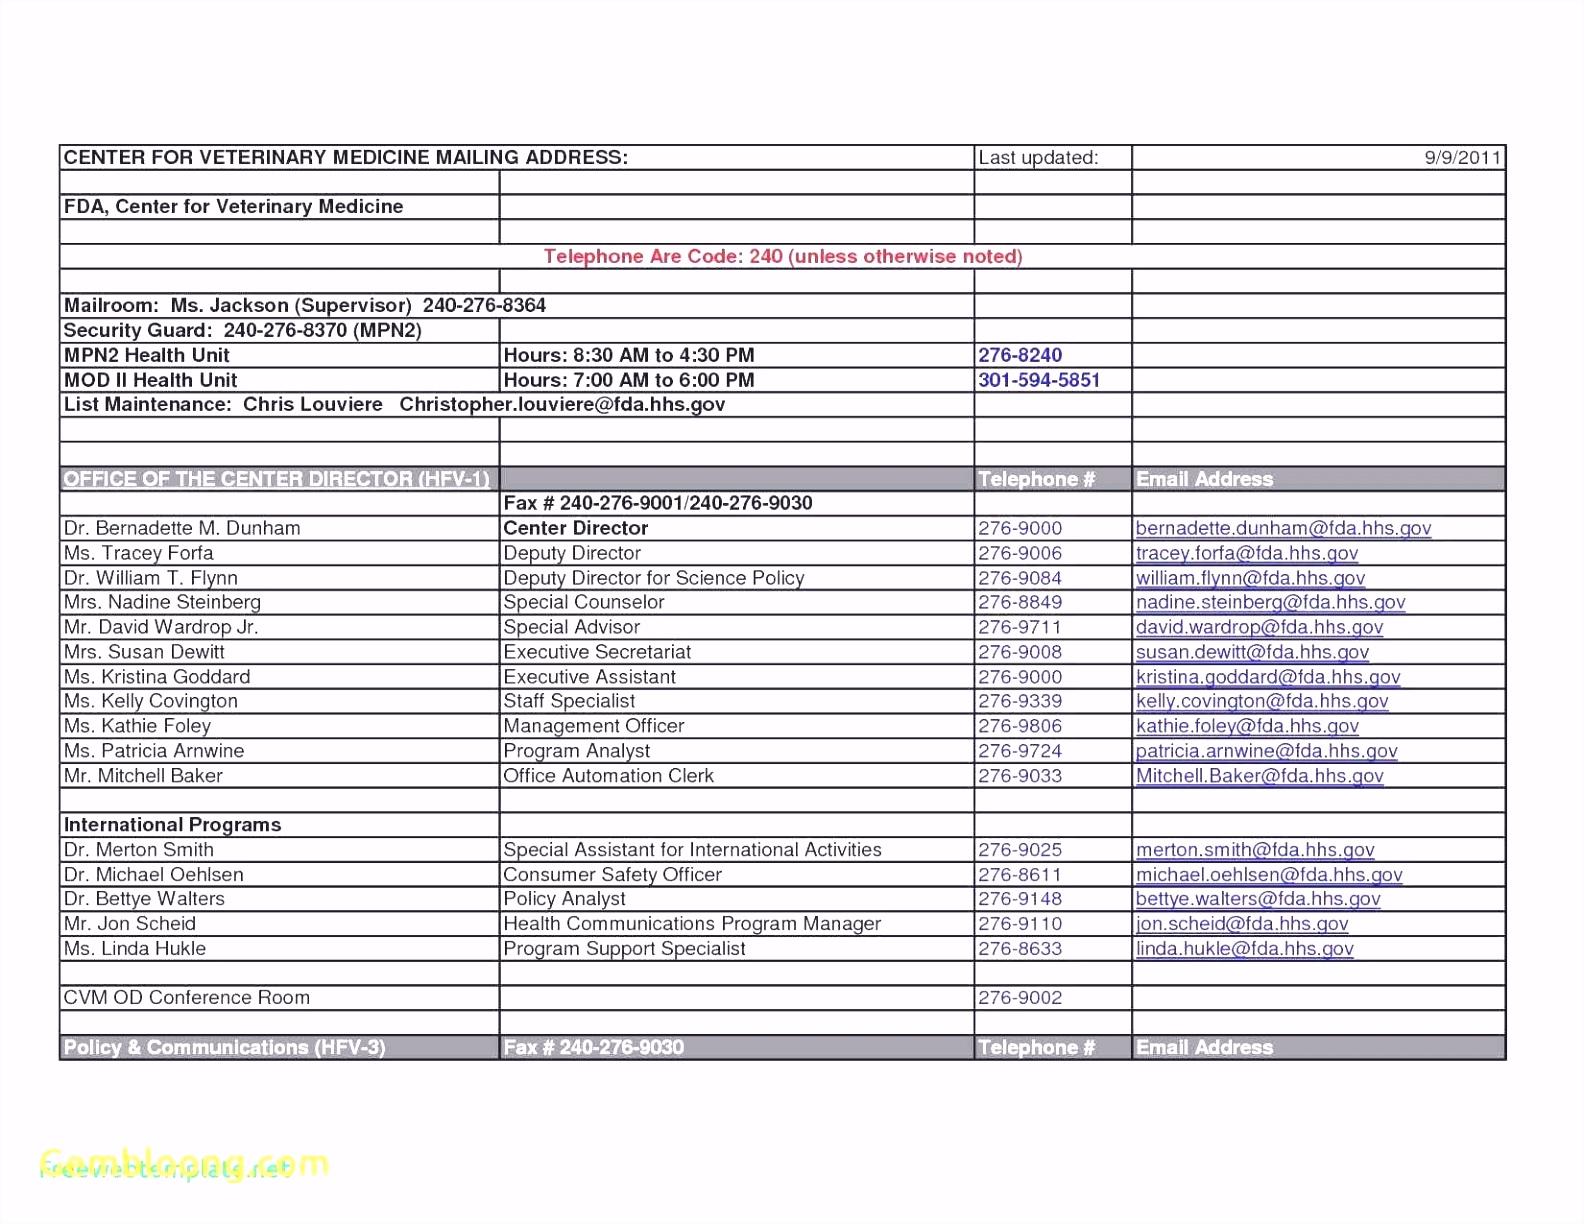 Kundigung Mietvertrag Wegen Pflegeheim Vorlage Mietvertrag Kündigen Vorlage Word Inspirierende Vordruck Kündigung V3yk76yez6 Vupkh4bqyu